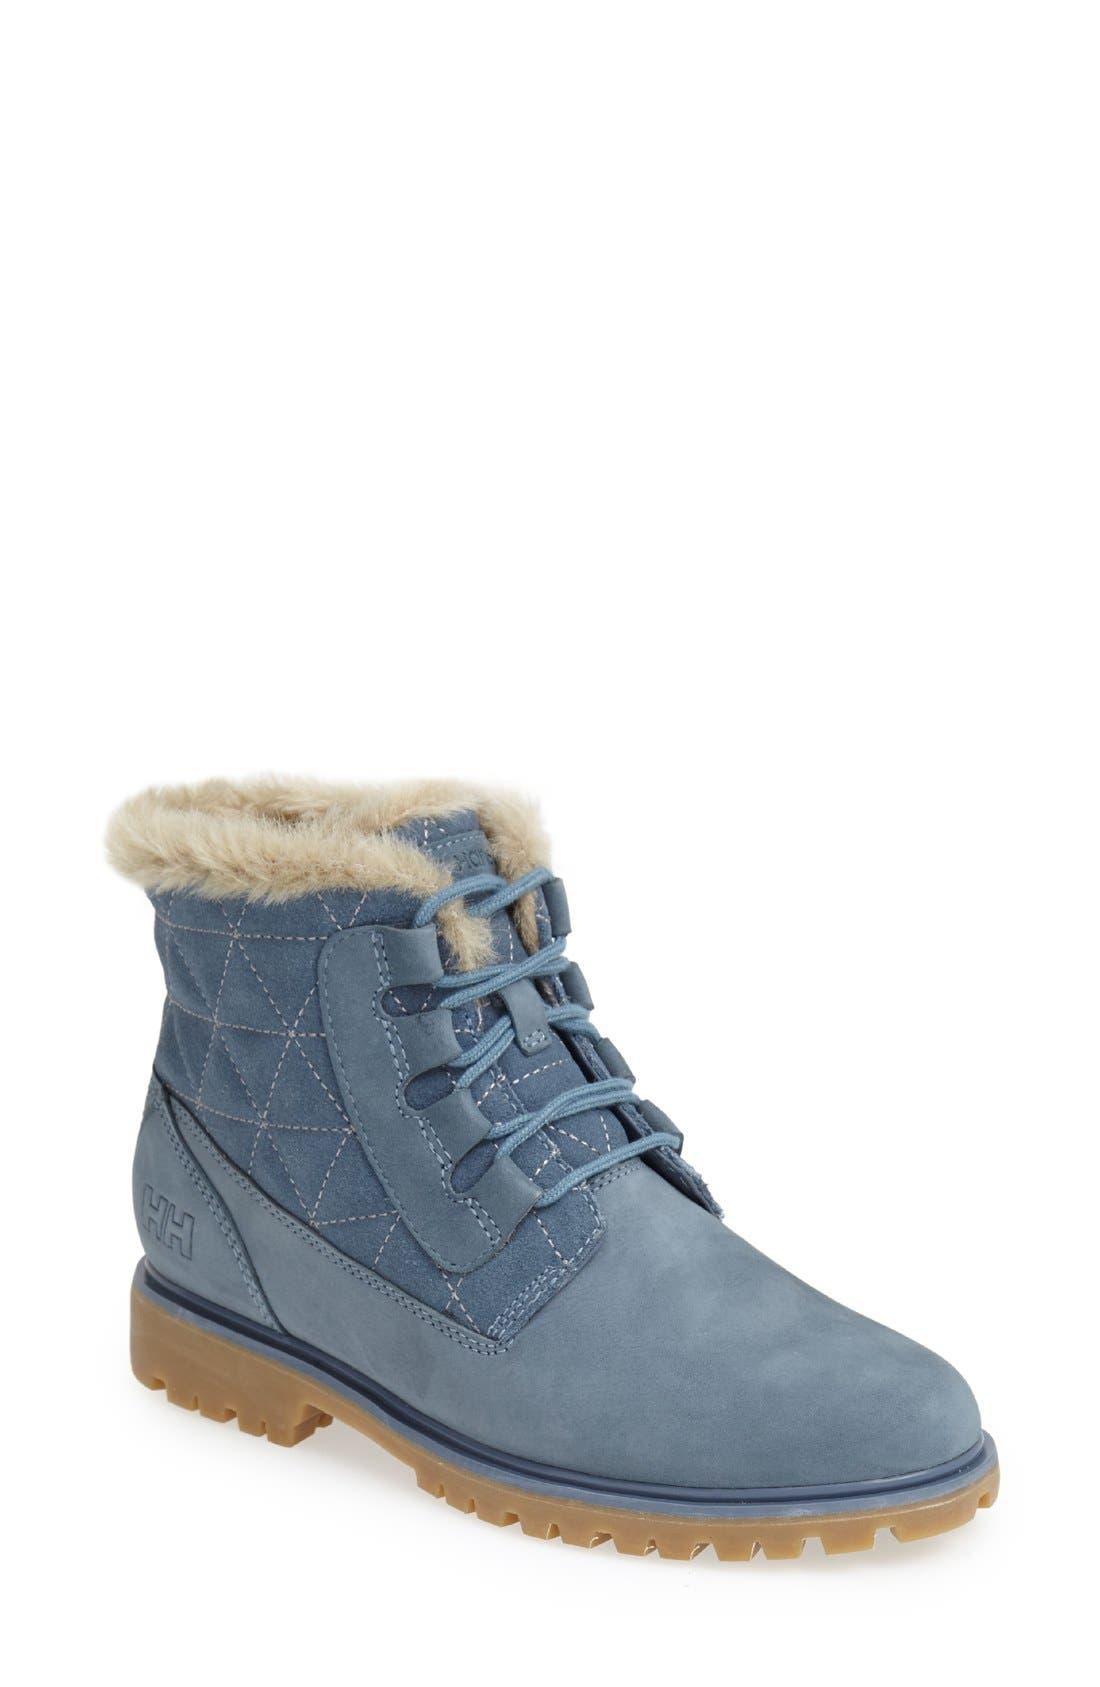 'Vega' Waterproof Leather Boot,                         Main,                         color, Arctic Blue/ Natural